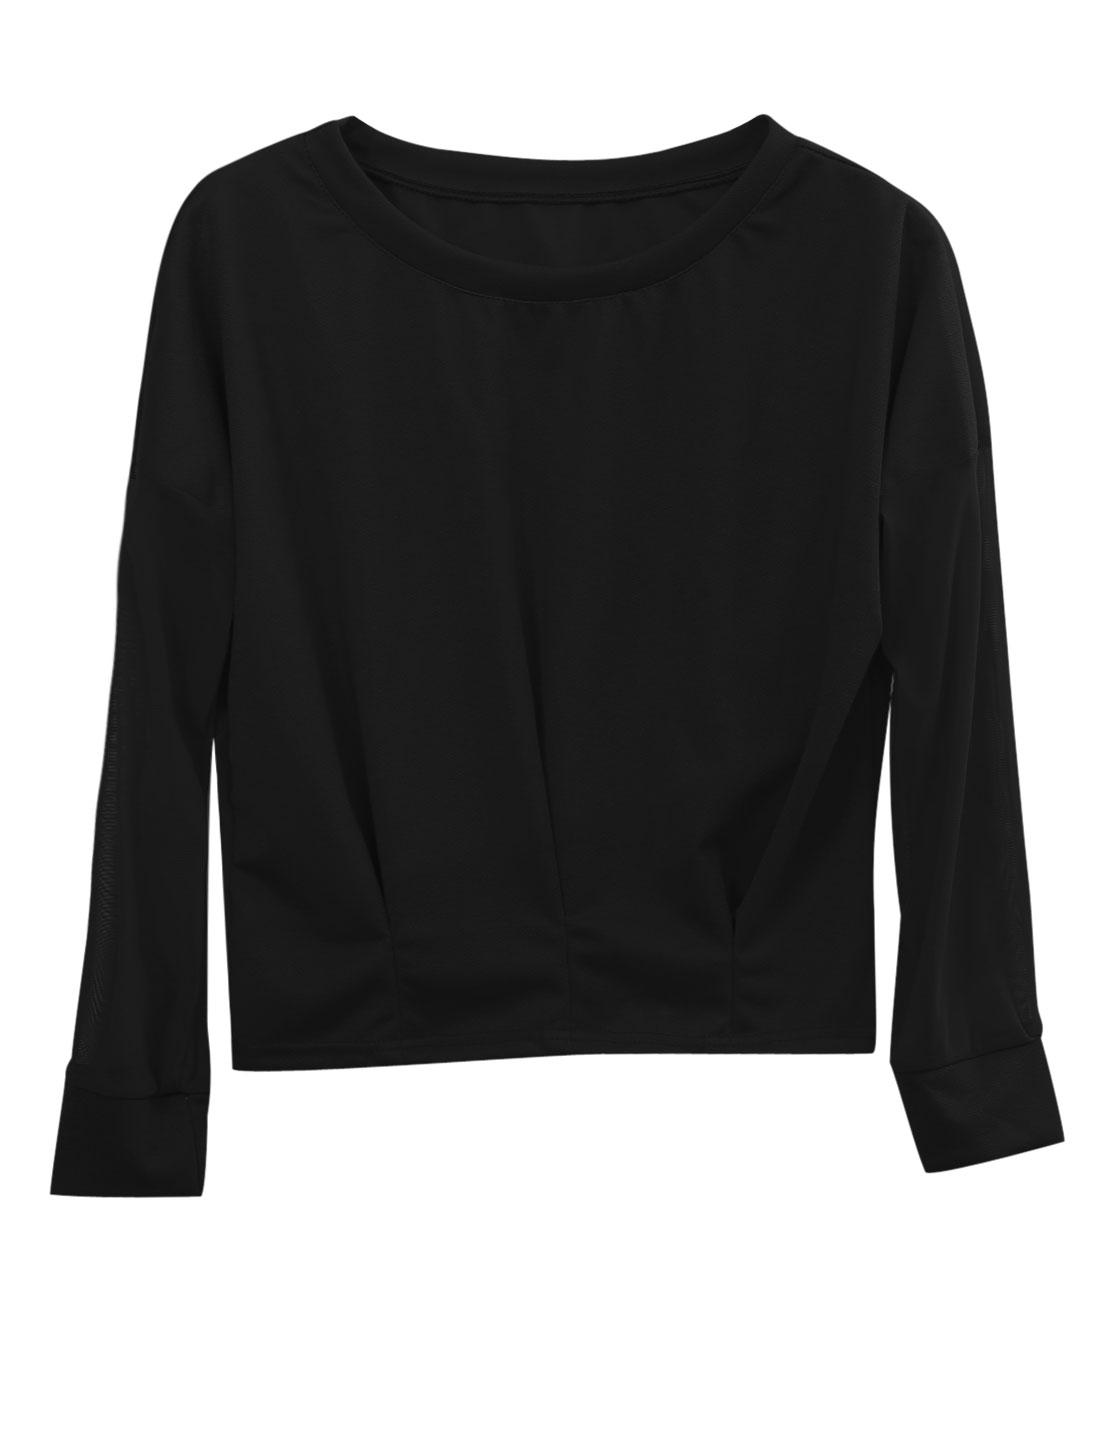 Ladies Batwing Sleeve Mesh Splicing Design Leisure Top Black XS